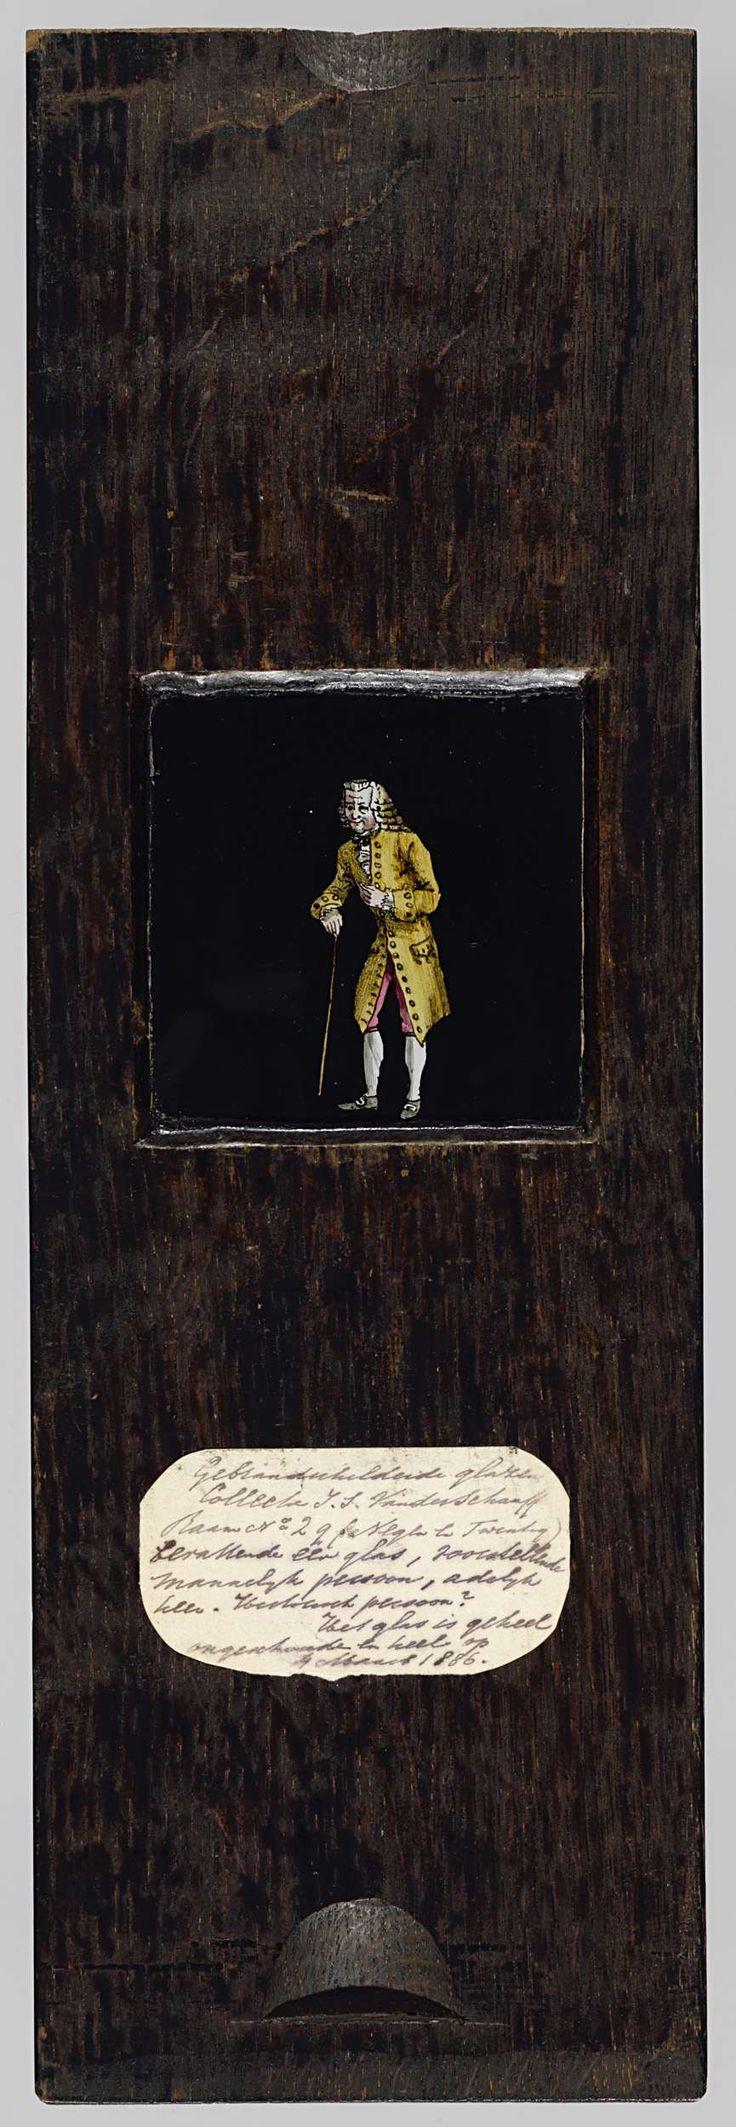 Anonymous | Heer met stok, Anonymous, c. 1790 - c. 1830 | Vierkante glasplaat in houten vatting. Een heer in gele kleren, leunend op een stok, ten voeten uit. De achtergrond is zwart.